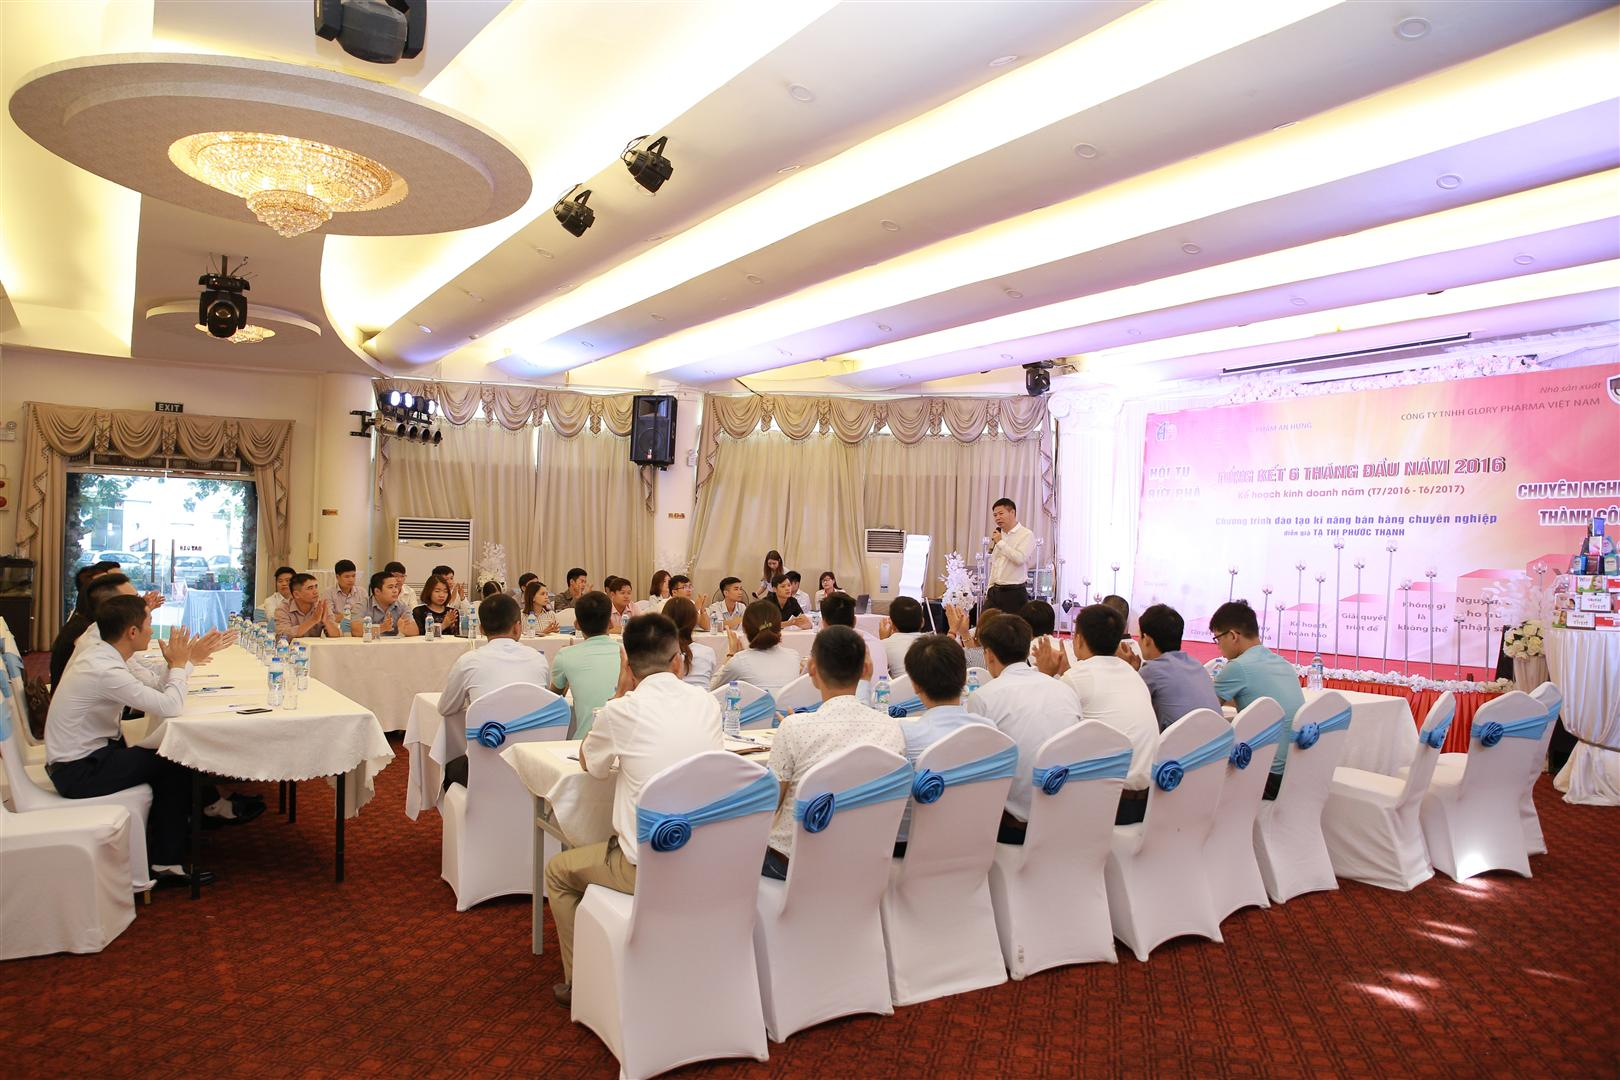 Giám đốc Trần Văn Thắng giới thiệu về công ty An Hưng